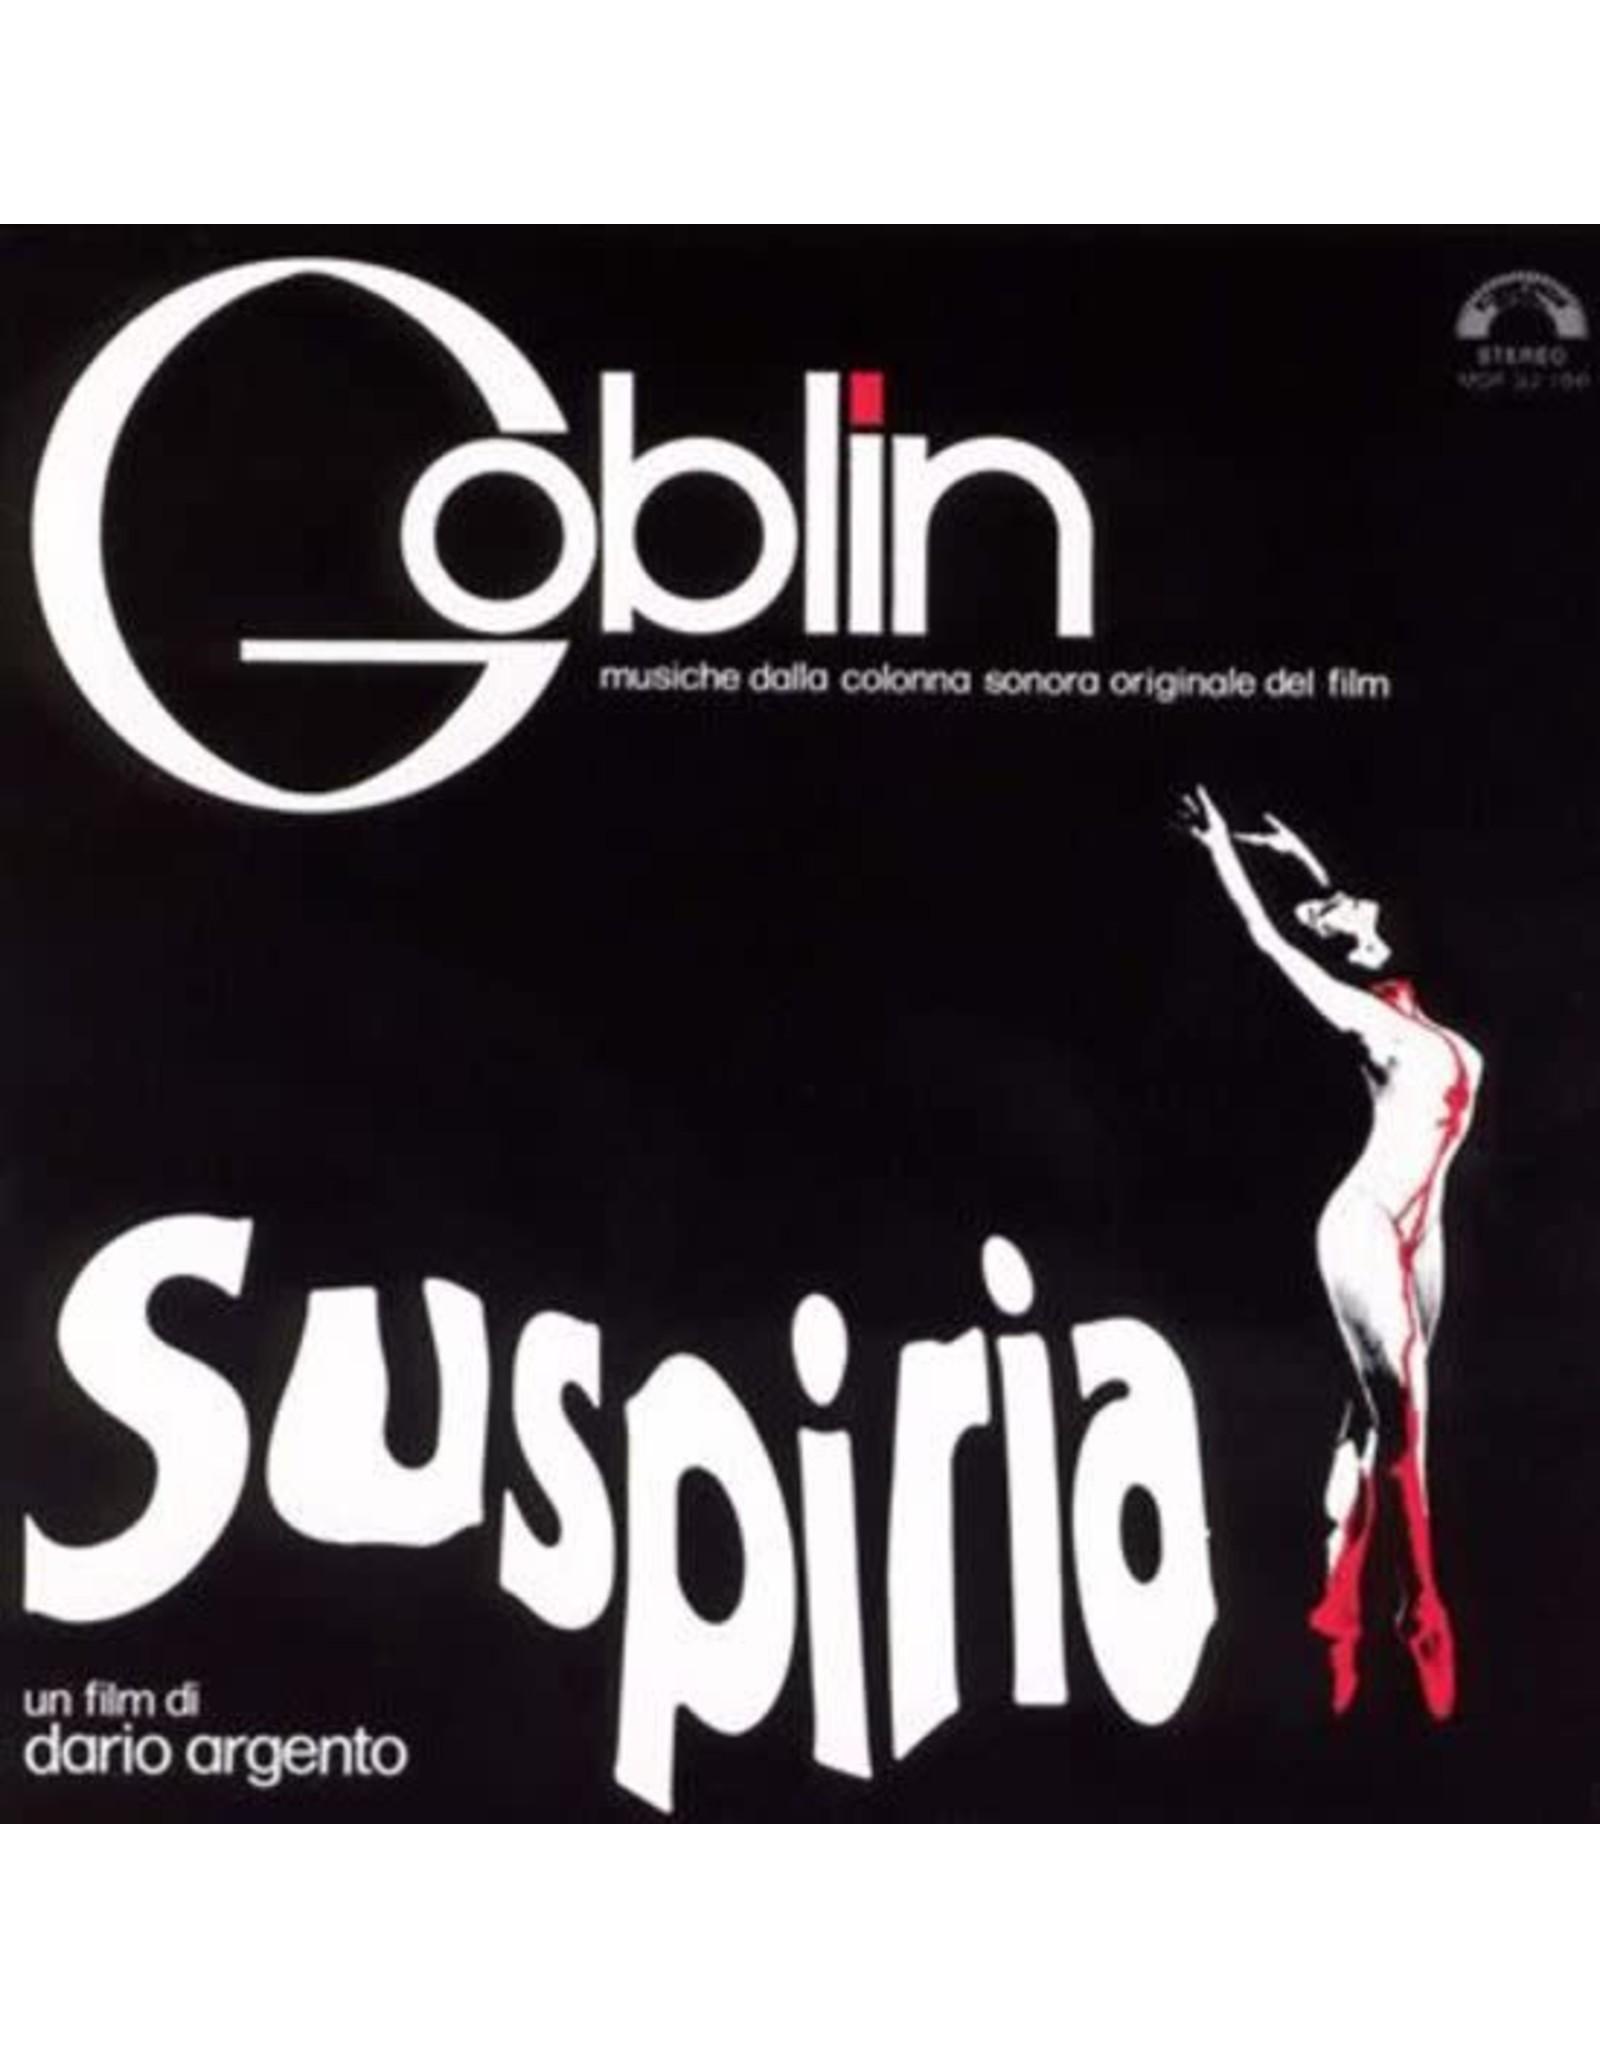 Cinevox Goblin: Susperia LP